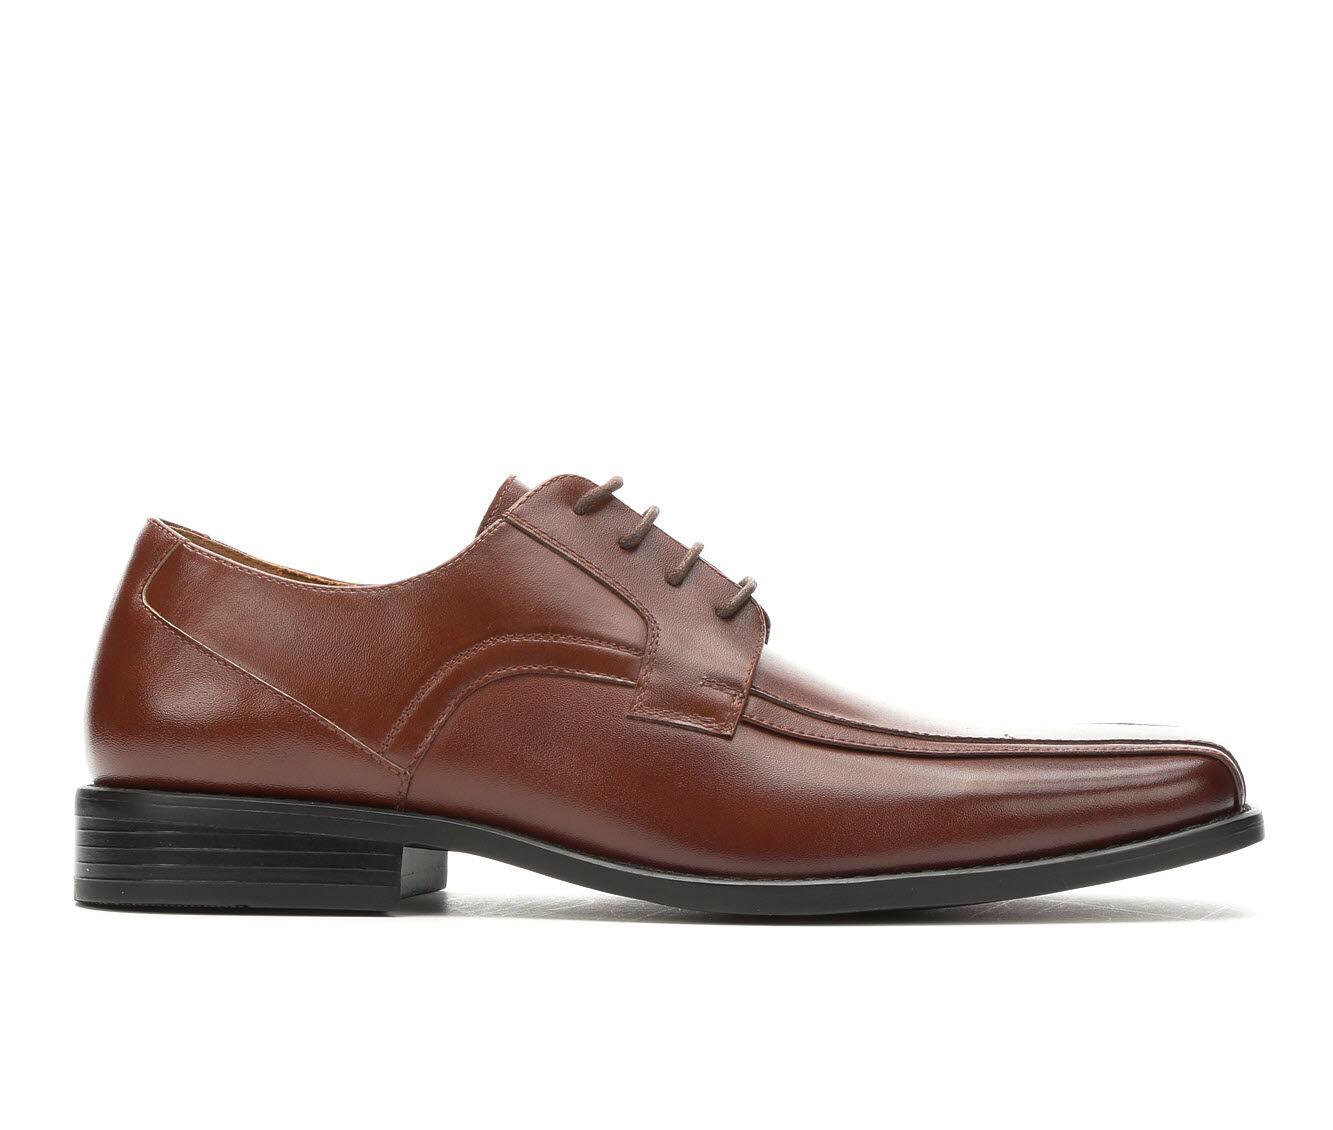 Men's Stacy Adams Corrado II Dress Shoes Cognac